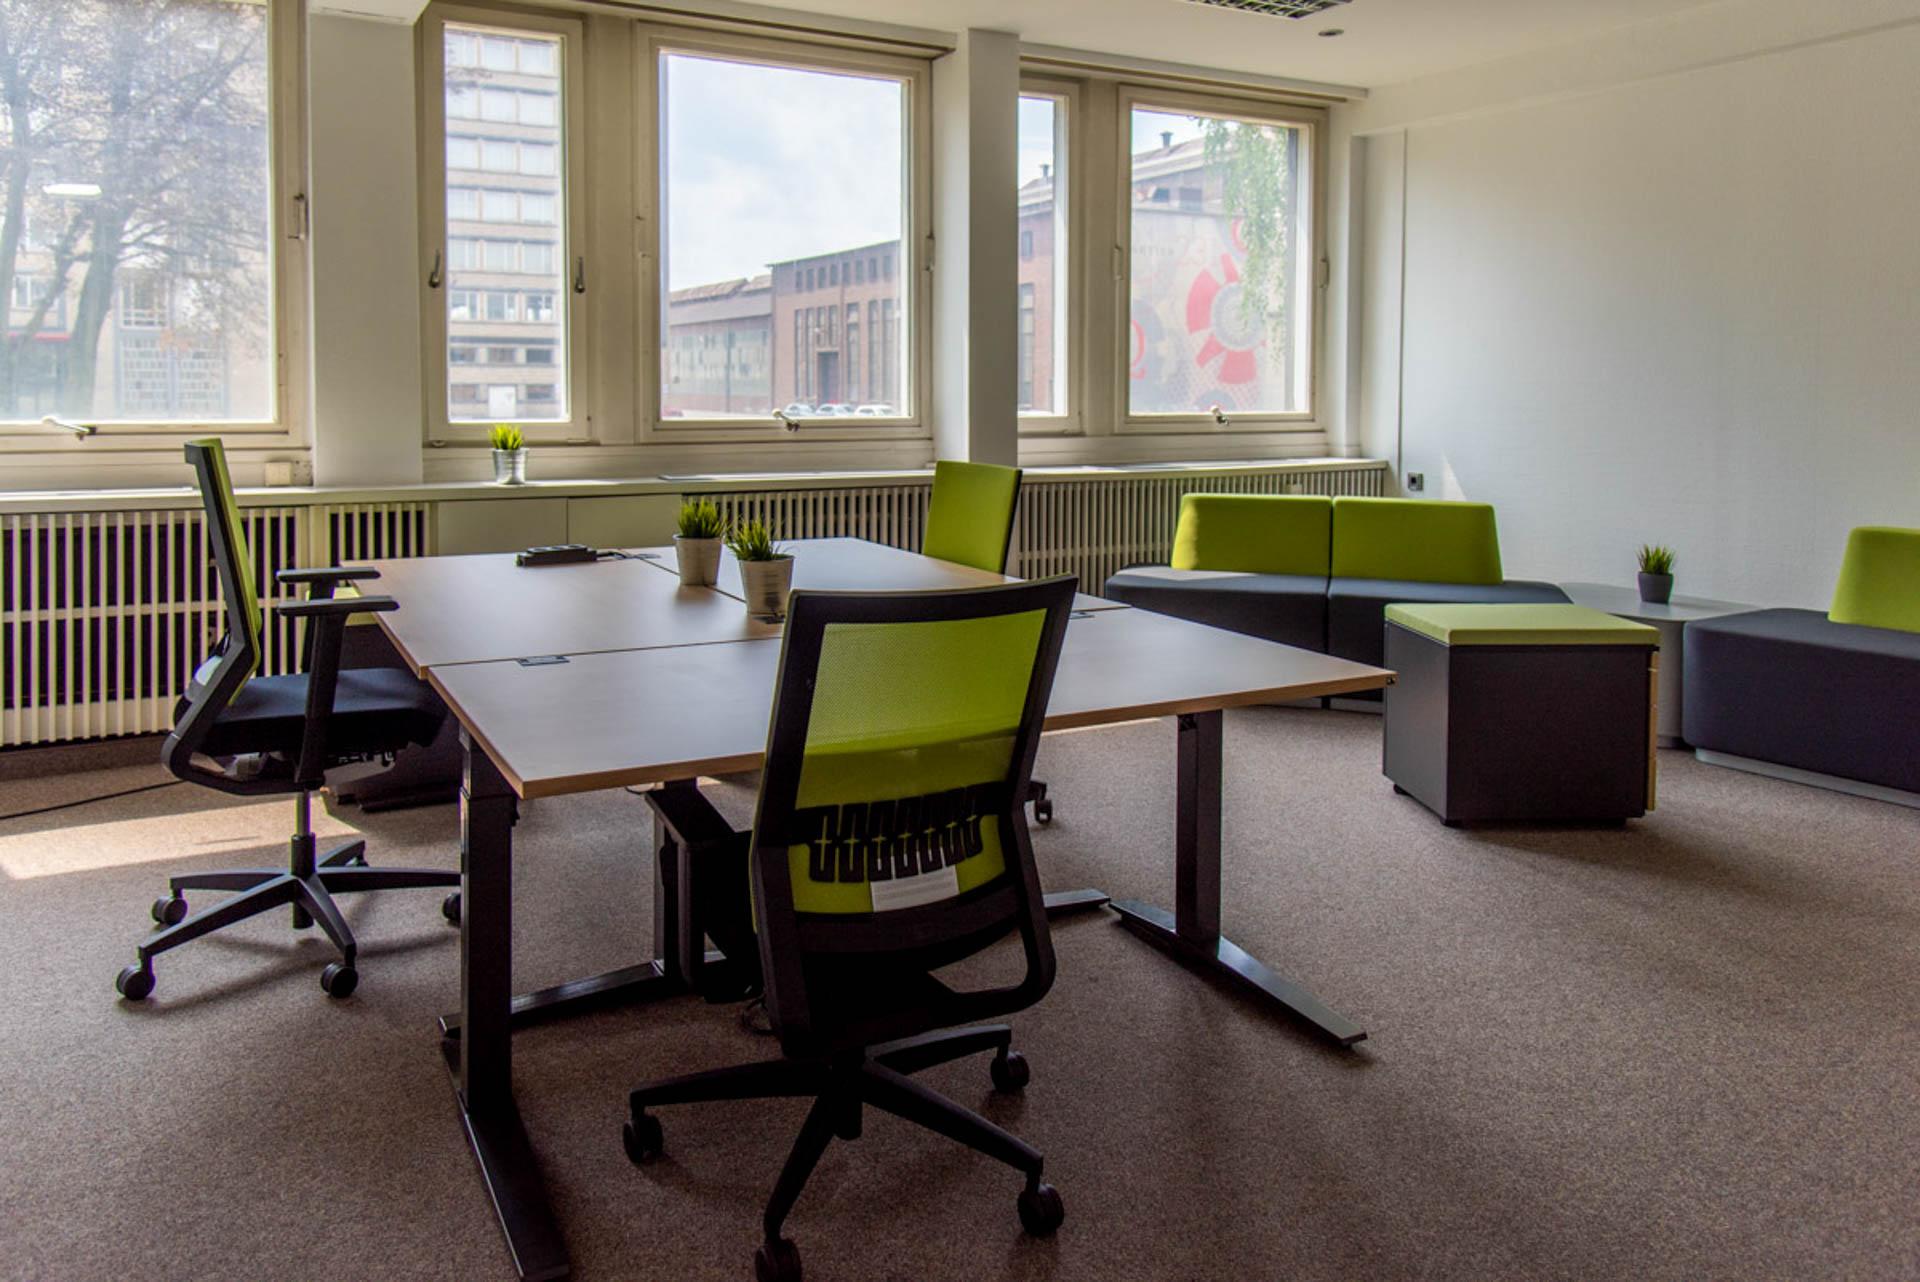 Ein Coworking Space in Oberhausen. ein helles Büro mit Sofas als Ruhepunkte in den Ecken, während im Zentrum ein aus drei Schreibtischen zusammengestellter Arbeitsplatz steht. Um ihn herum Drehstühle mit grüner Sitzbespannung.